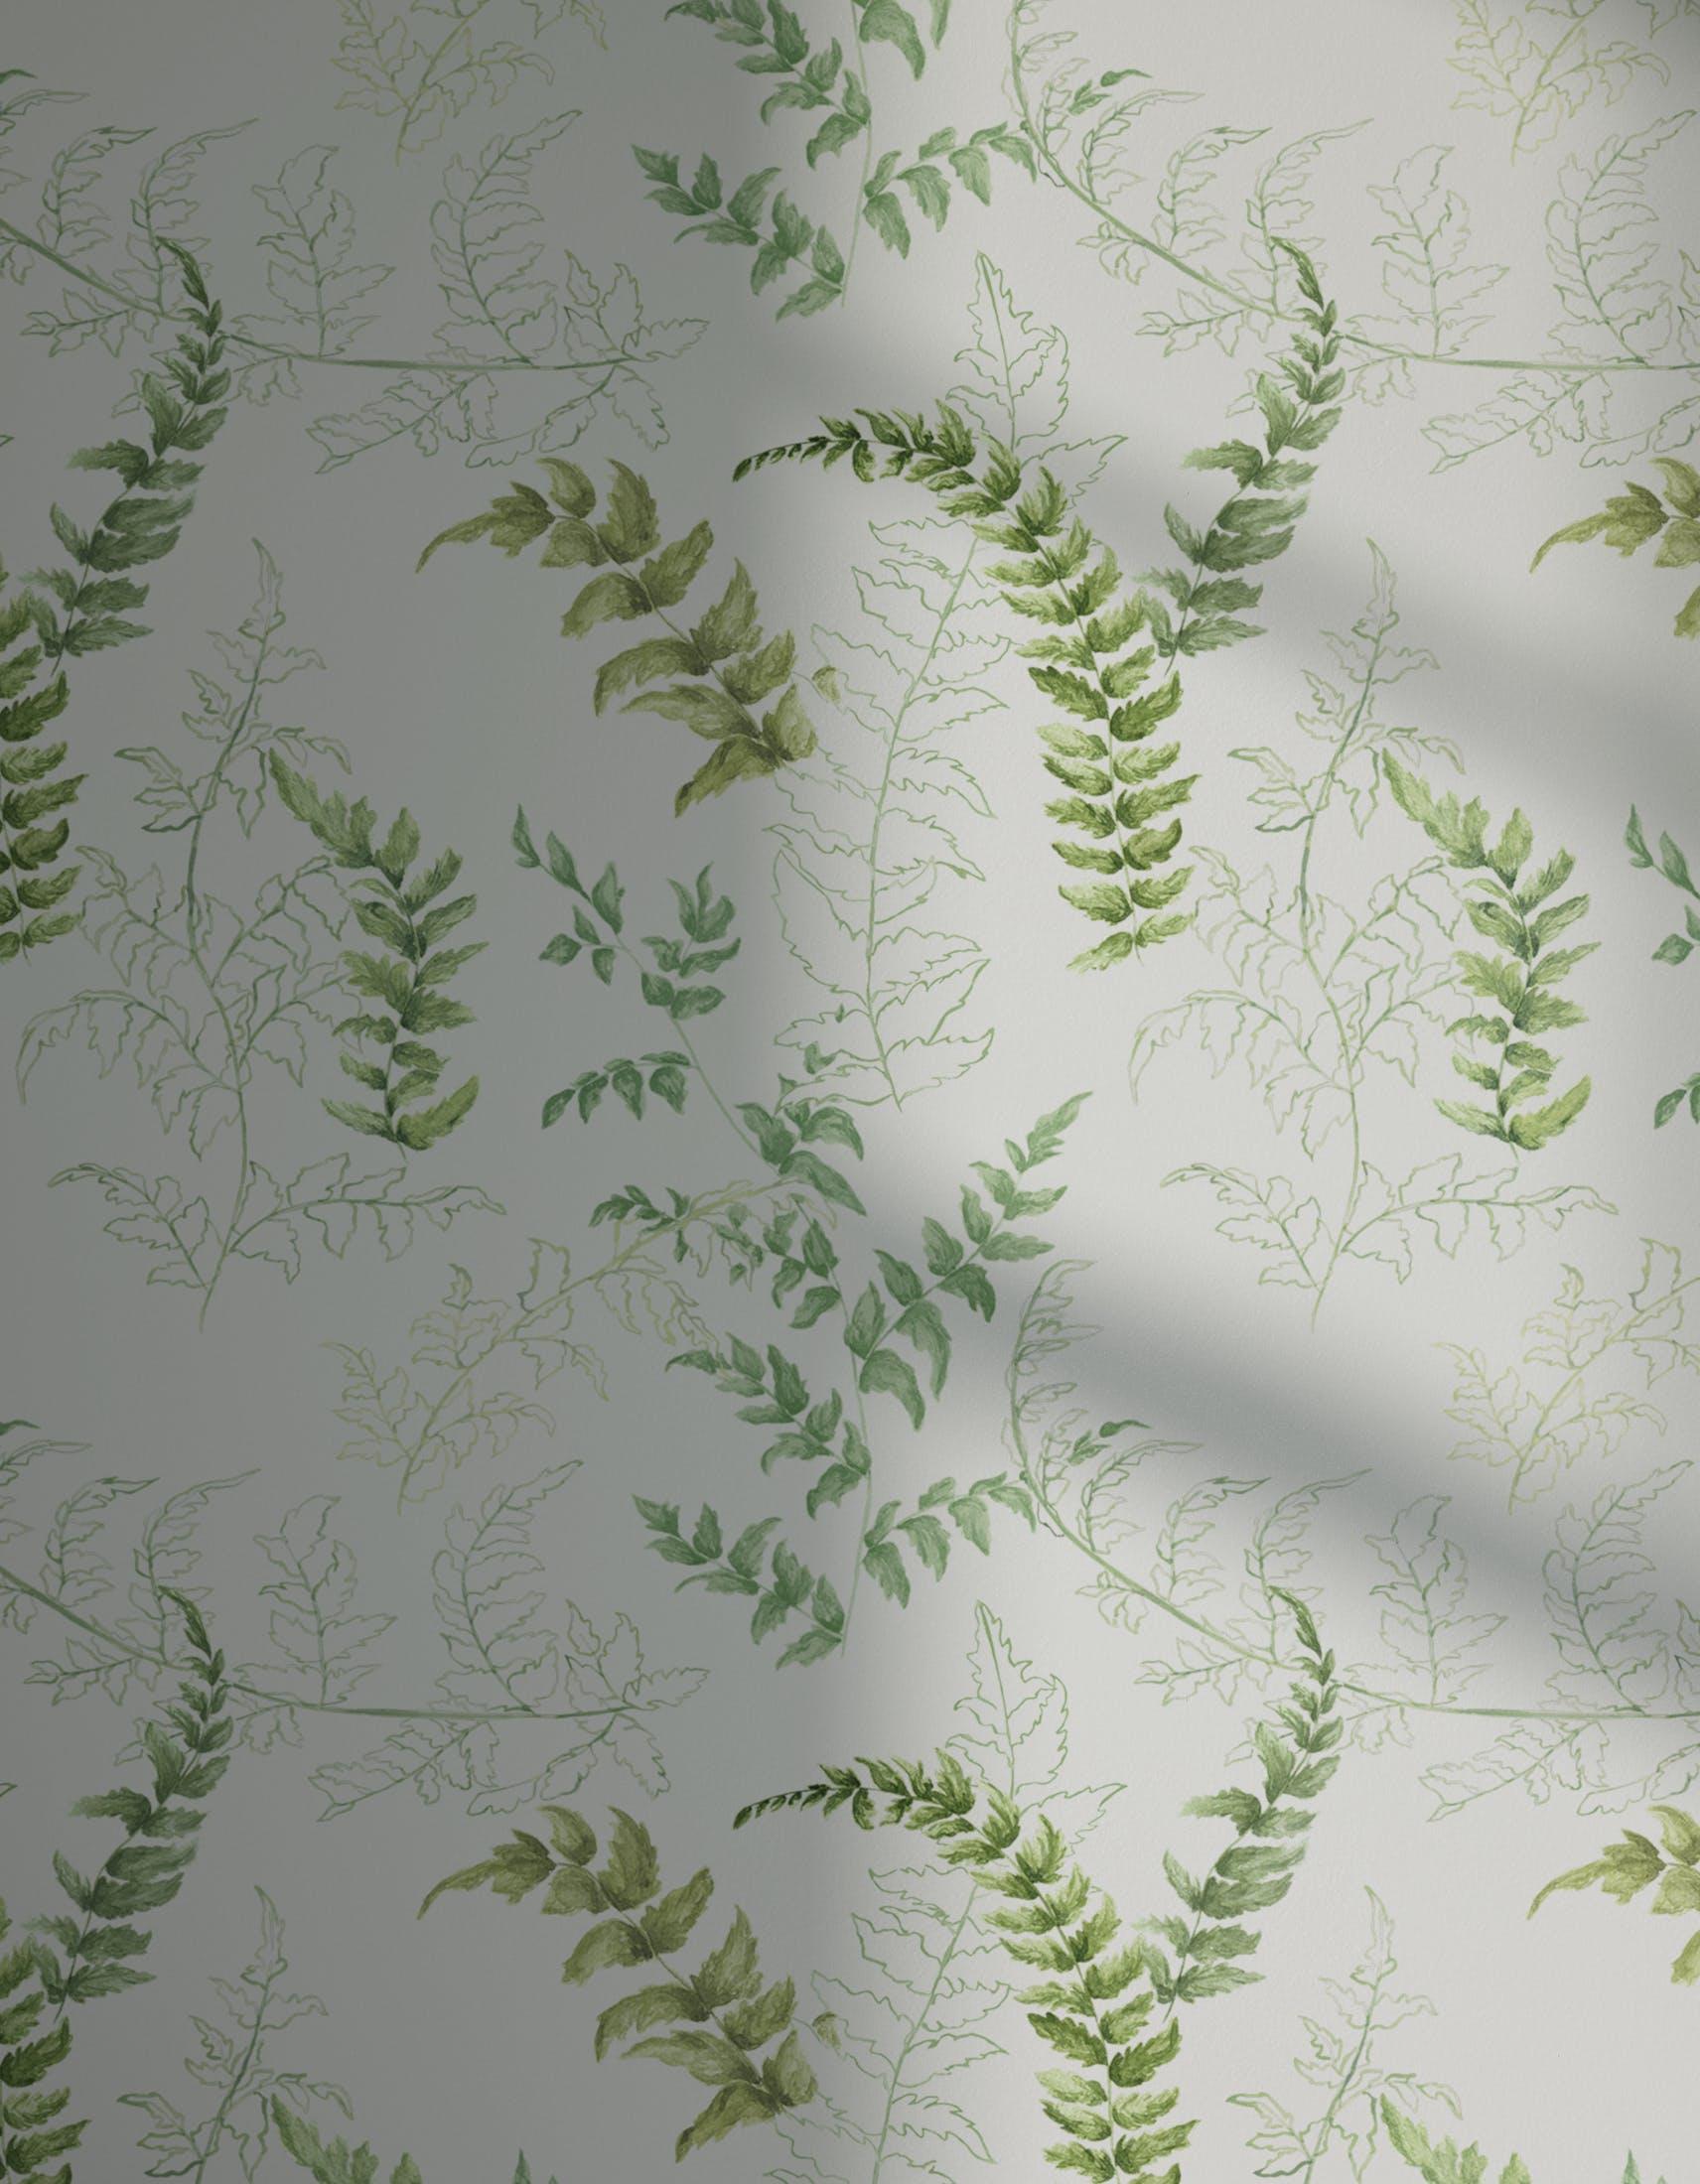 Lick x Jenna Hewitt Fern 01 green botanical wallpaper with shadow